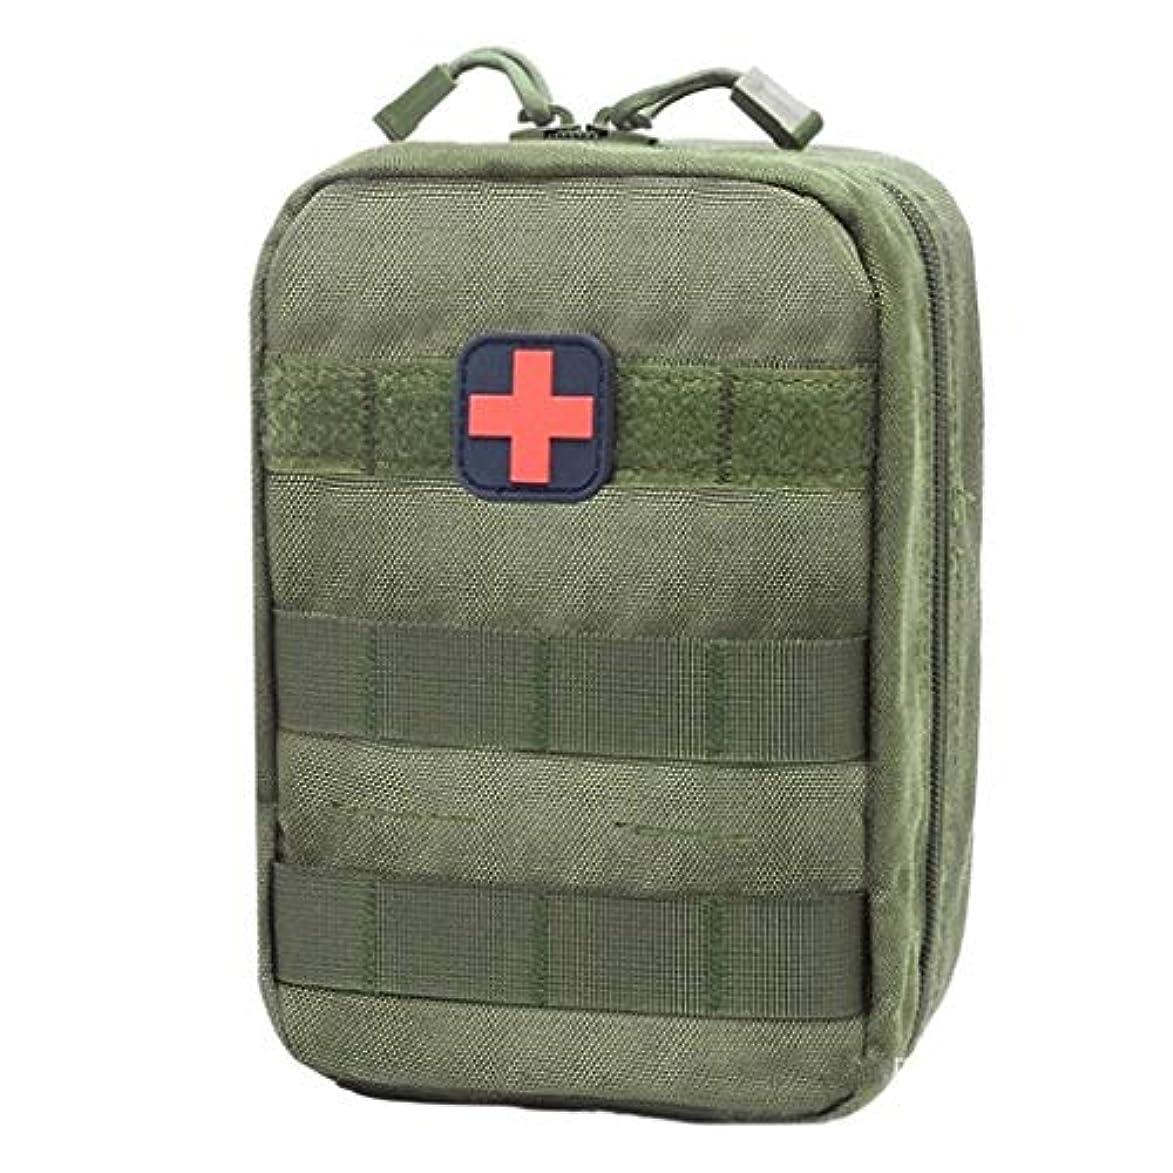 放棄された勤勉な救急車Yxsd 応急処置キット 旅行医療バッグ緊急キット屋外多機能救急箱収納袋アタッチメントウエストパック